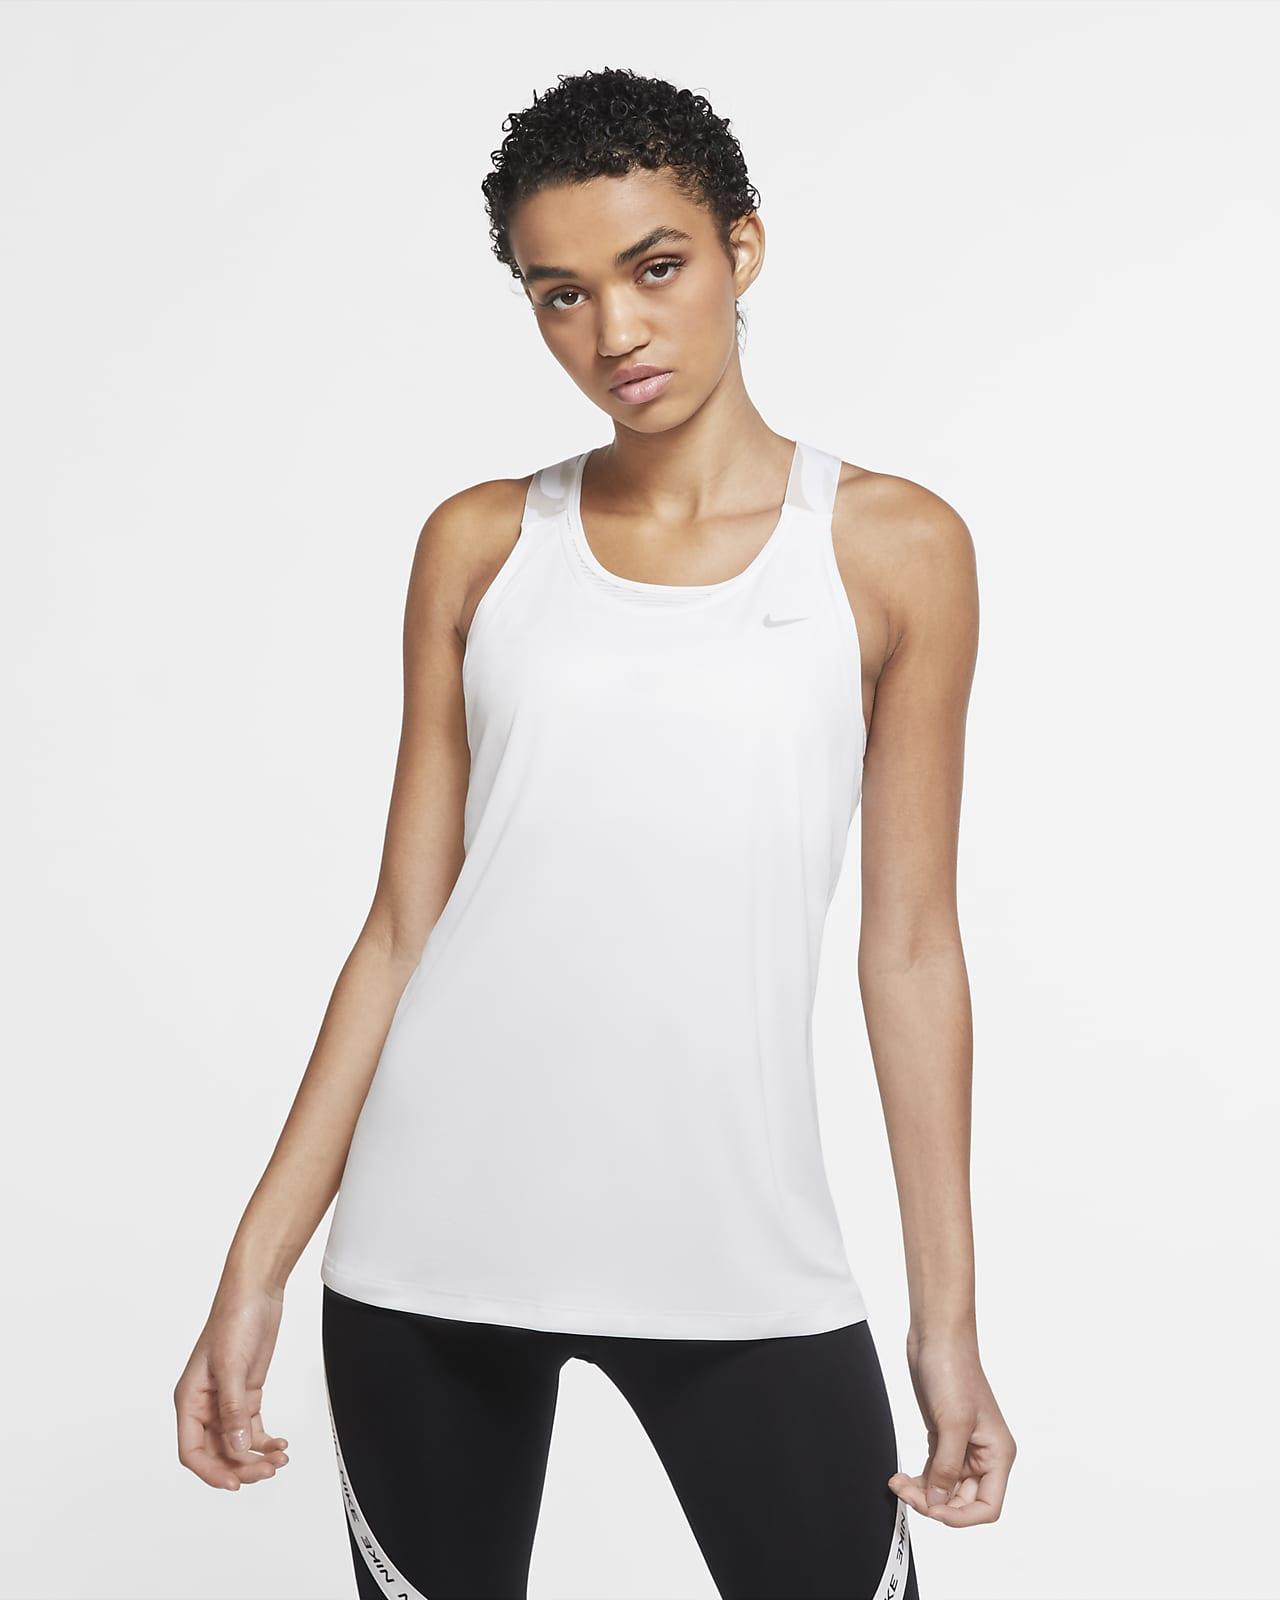 Nike Pro Women's Camo Strap Tank